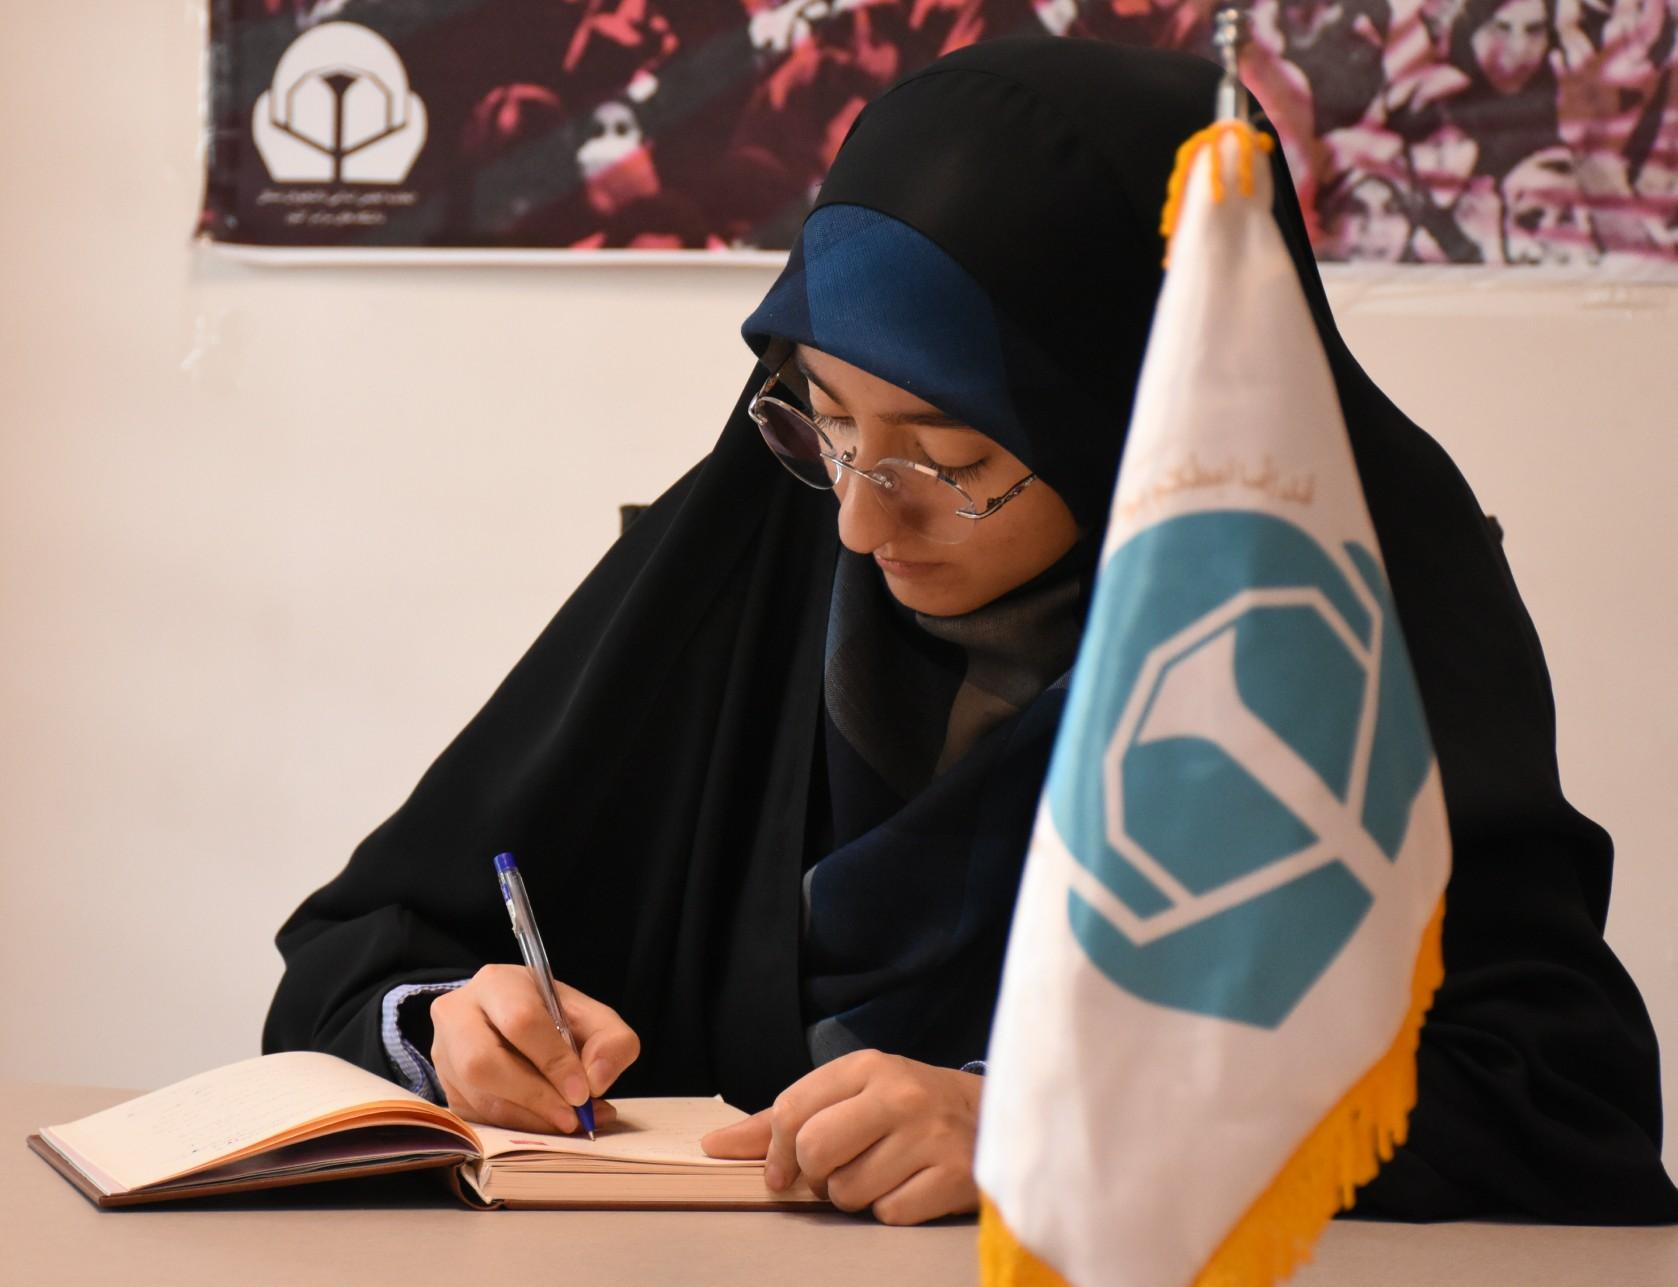 انقلاب اسلامی و مدل مشارکت اجتماعی زنان